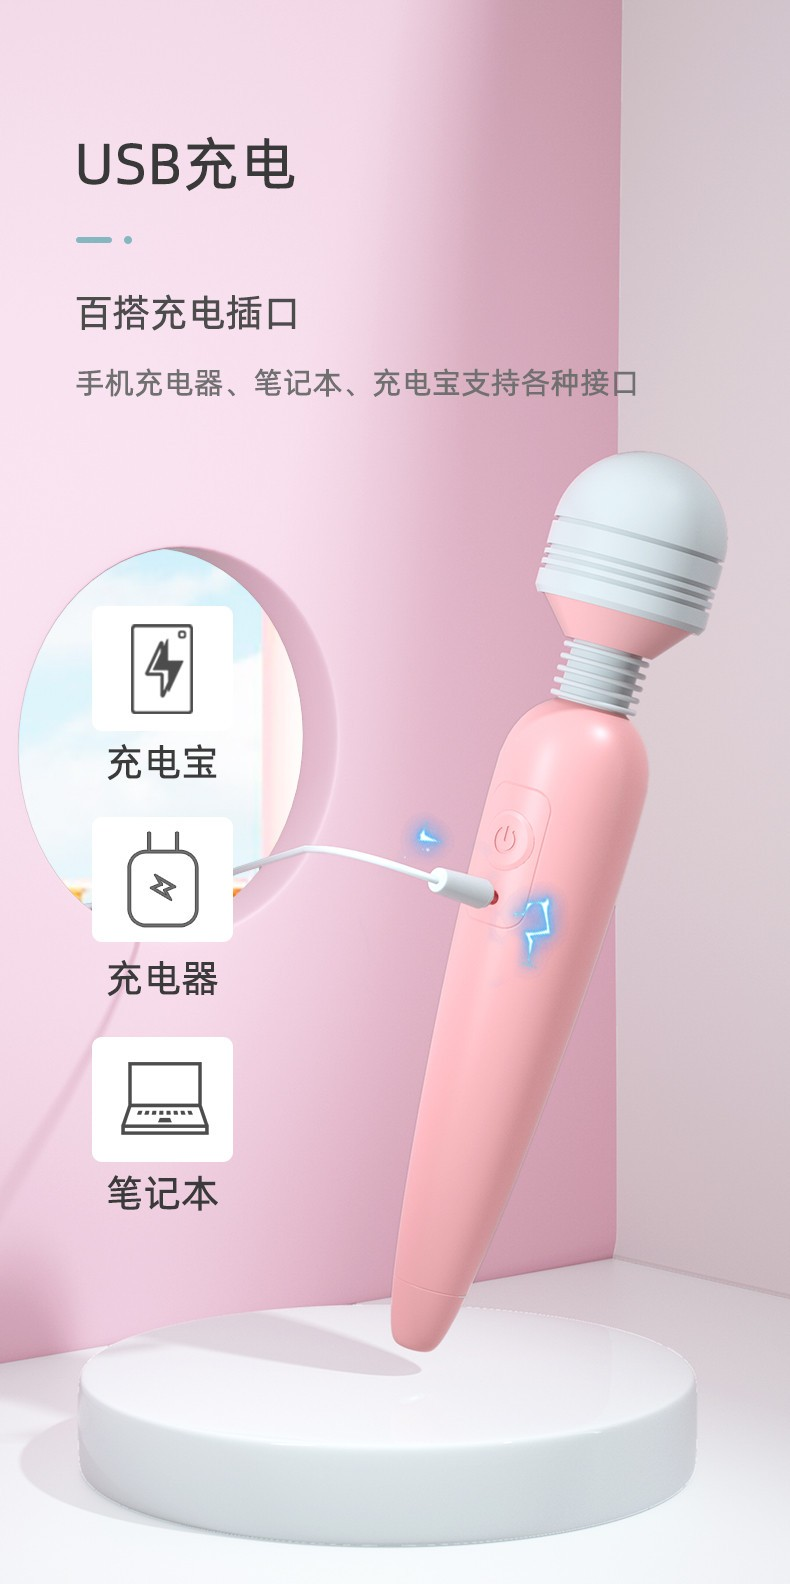 10頻震動甜心AV電動按摩棒(粉色)女用自慰器